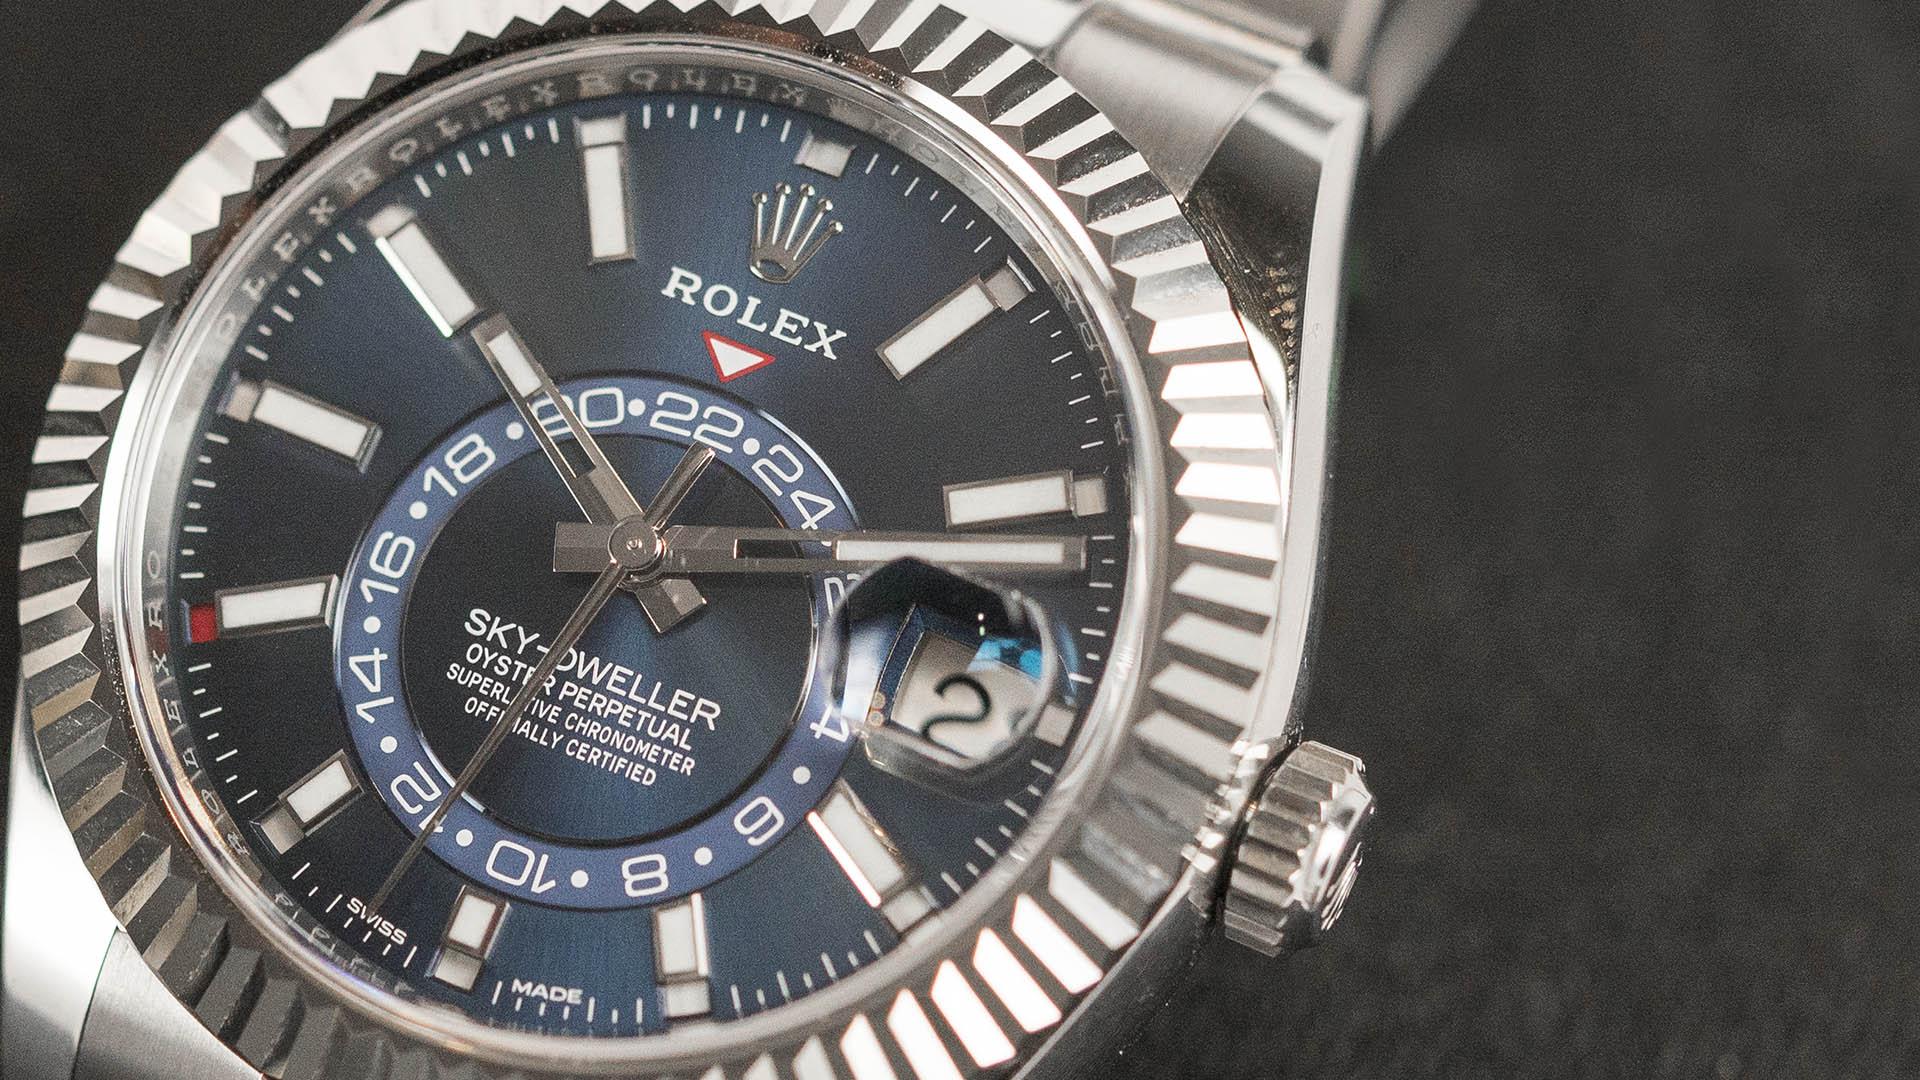 Rolex-Oyster-Perpetual-Sky-Dweller-kapak-2.jpg